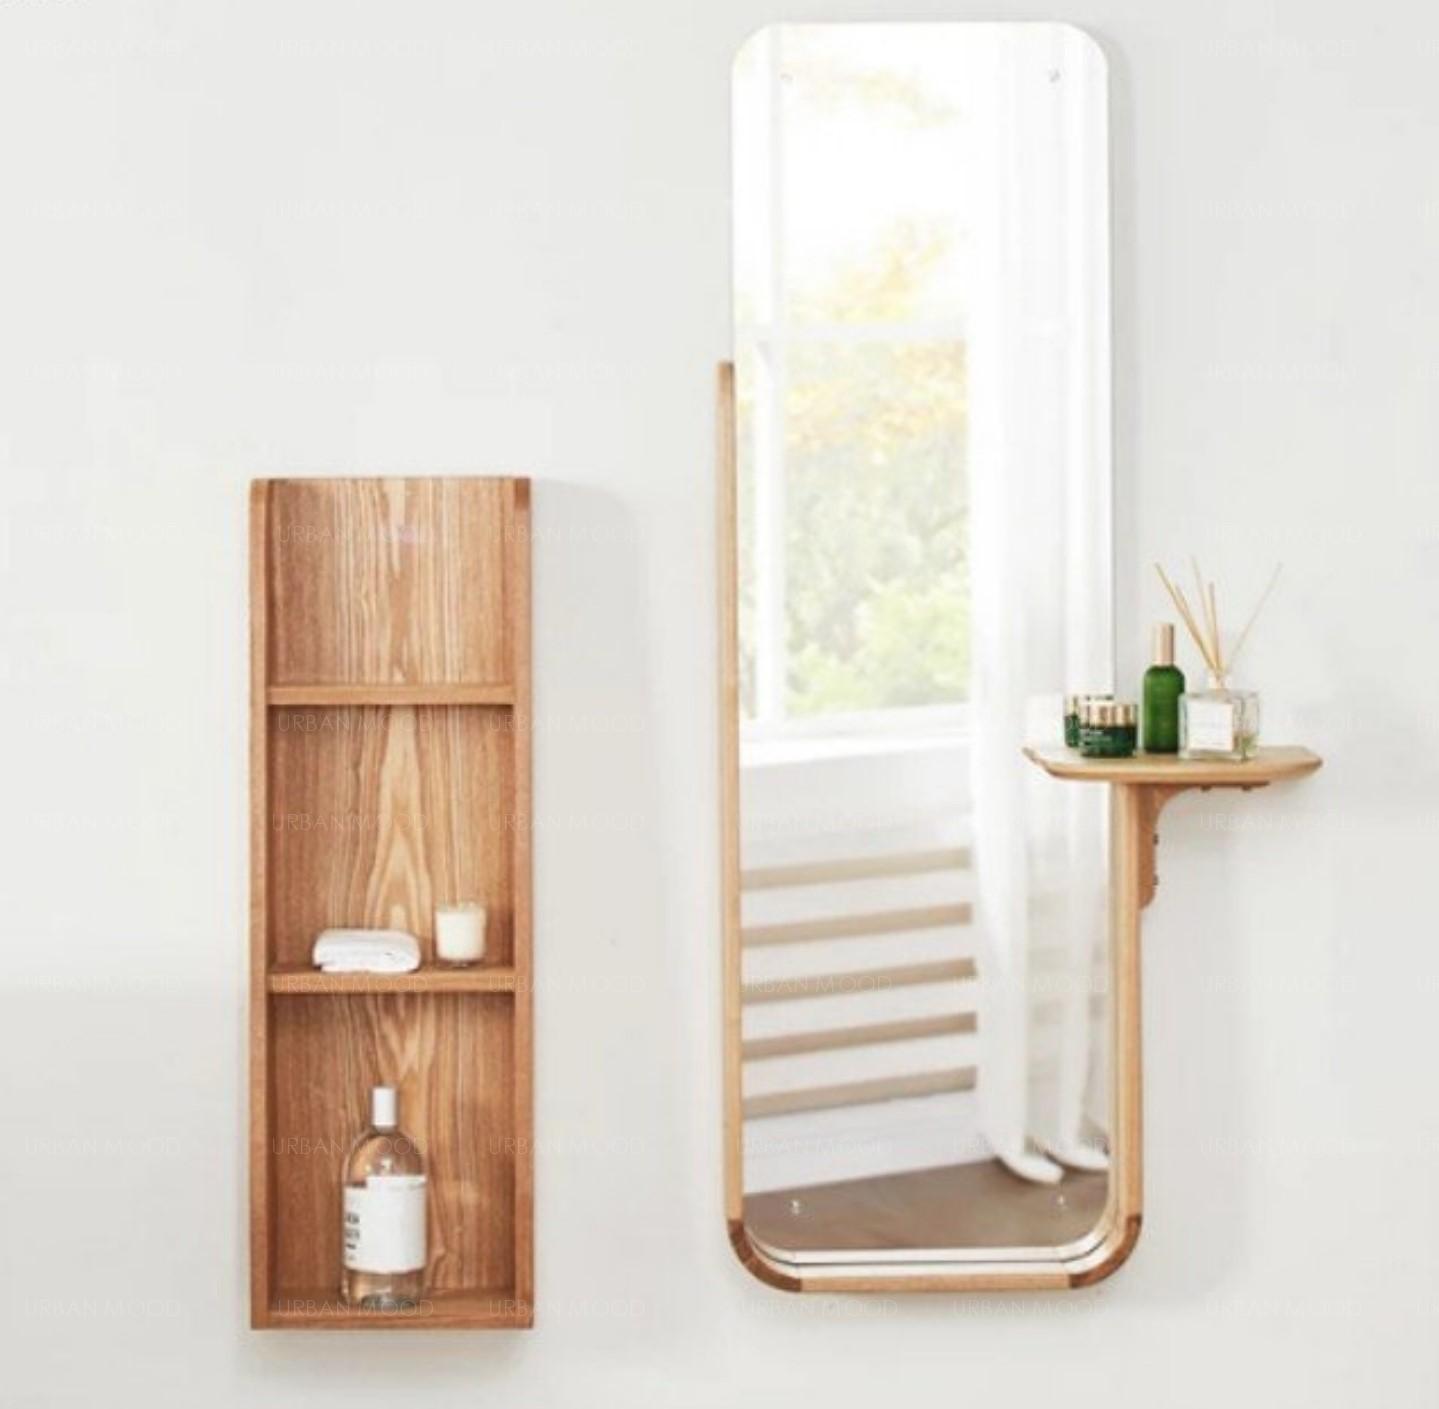 IMOGEN Minimalist Solid Oak Wall Mirror Shelf